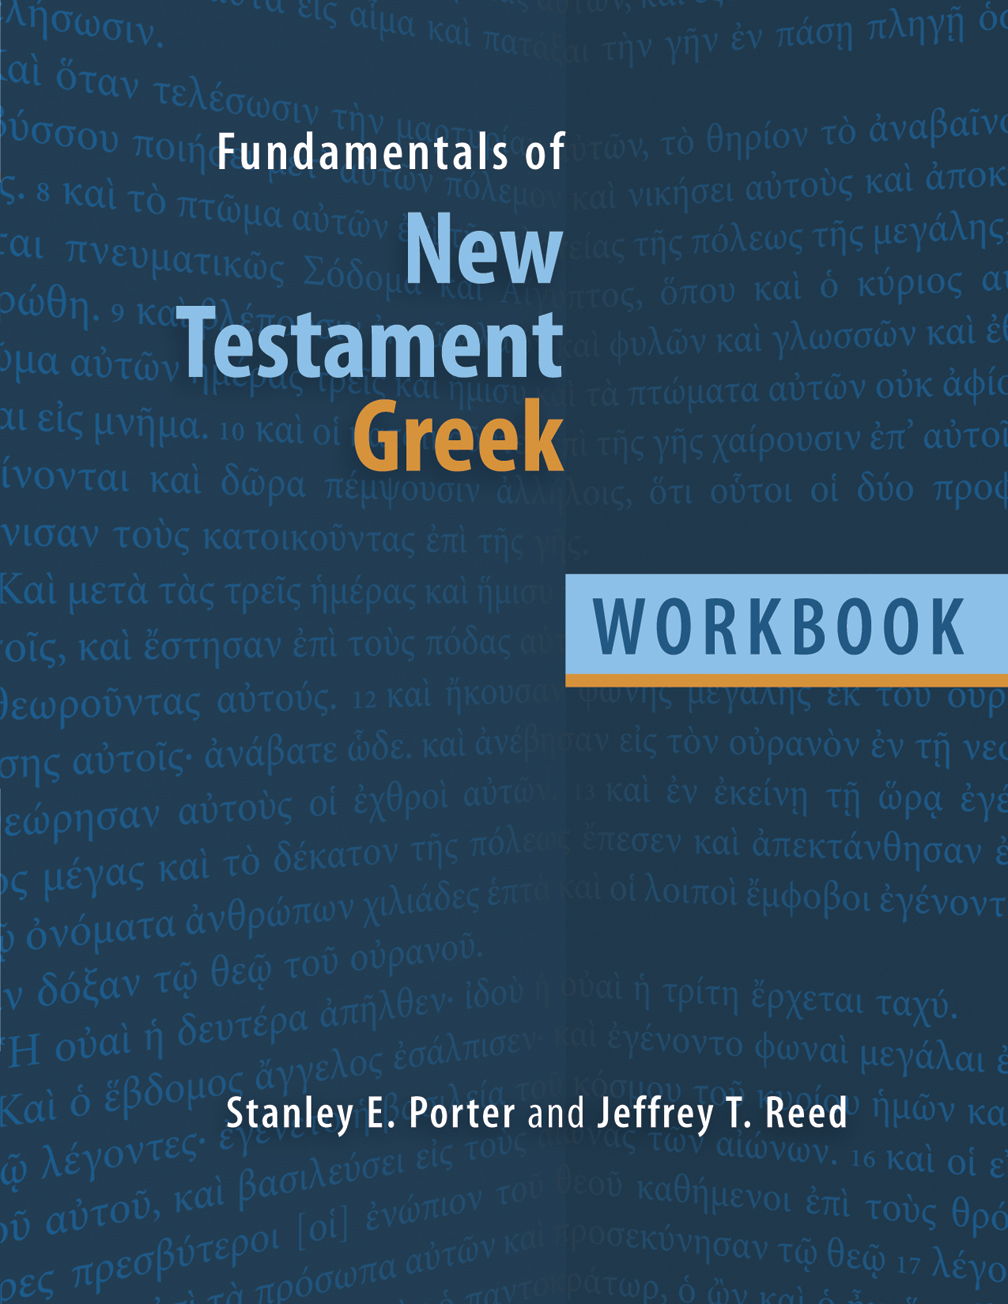 Fundamentals of New Testament Greek (Workbook)